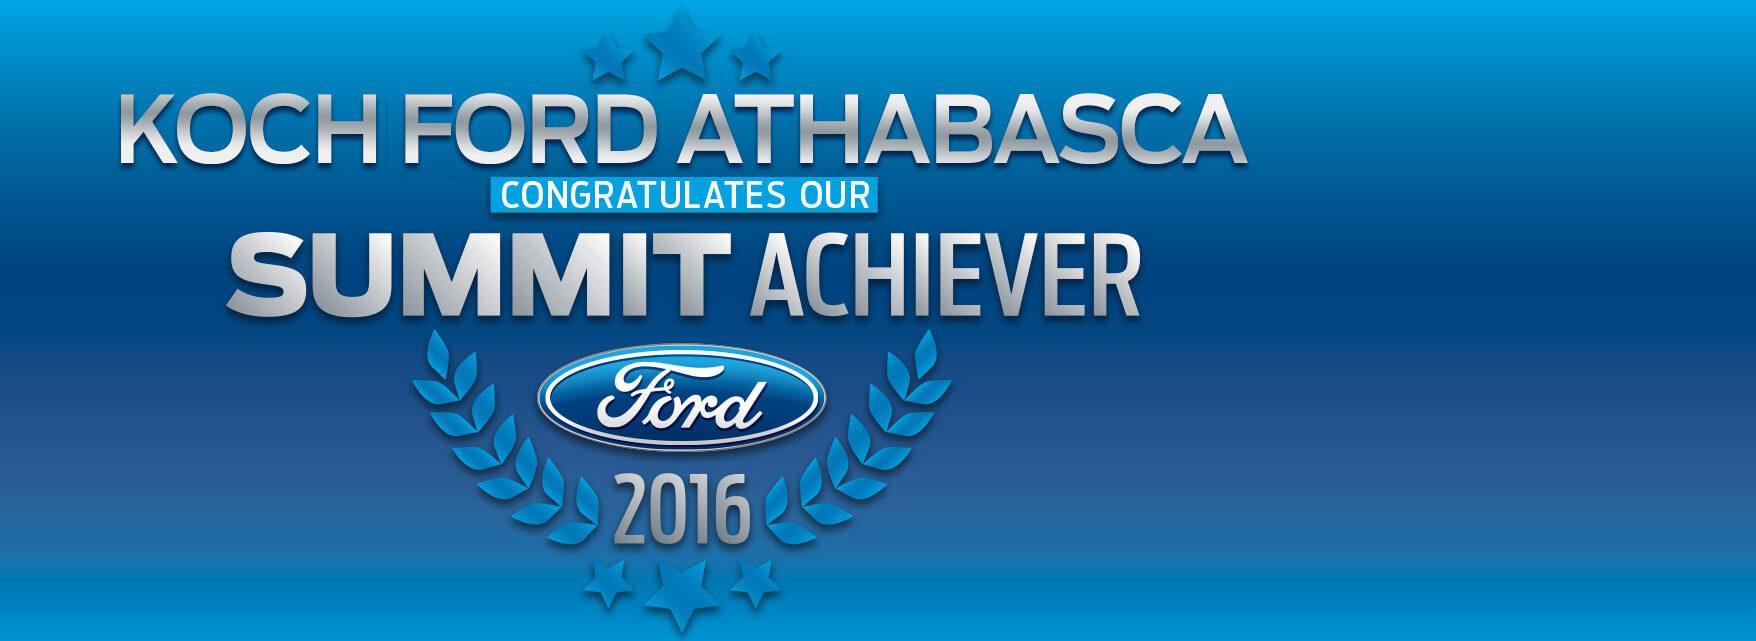 Summit Koch Ford Athabasca 2